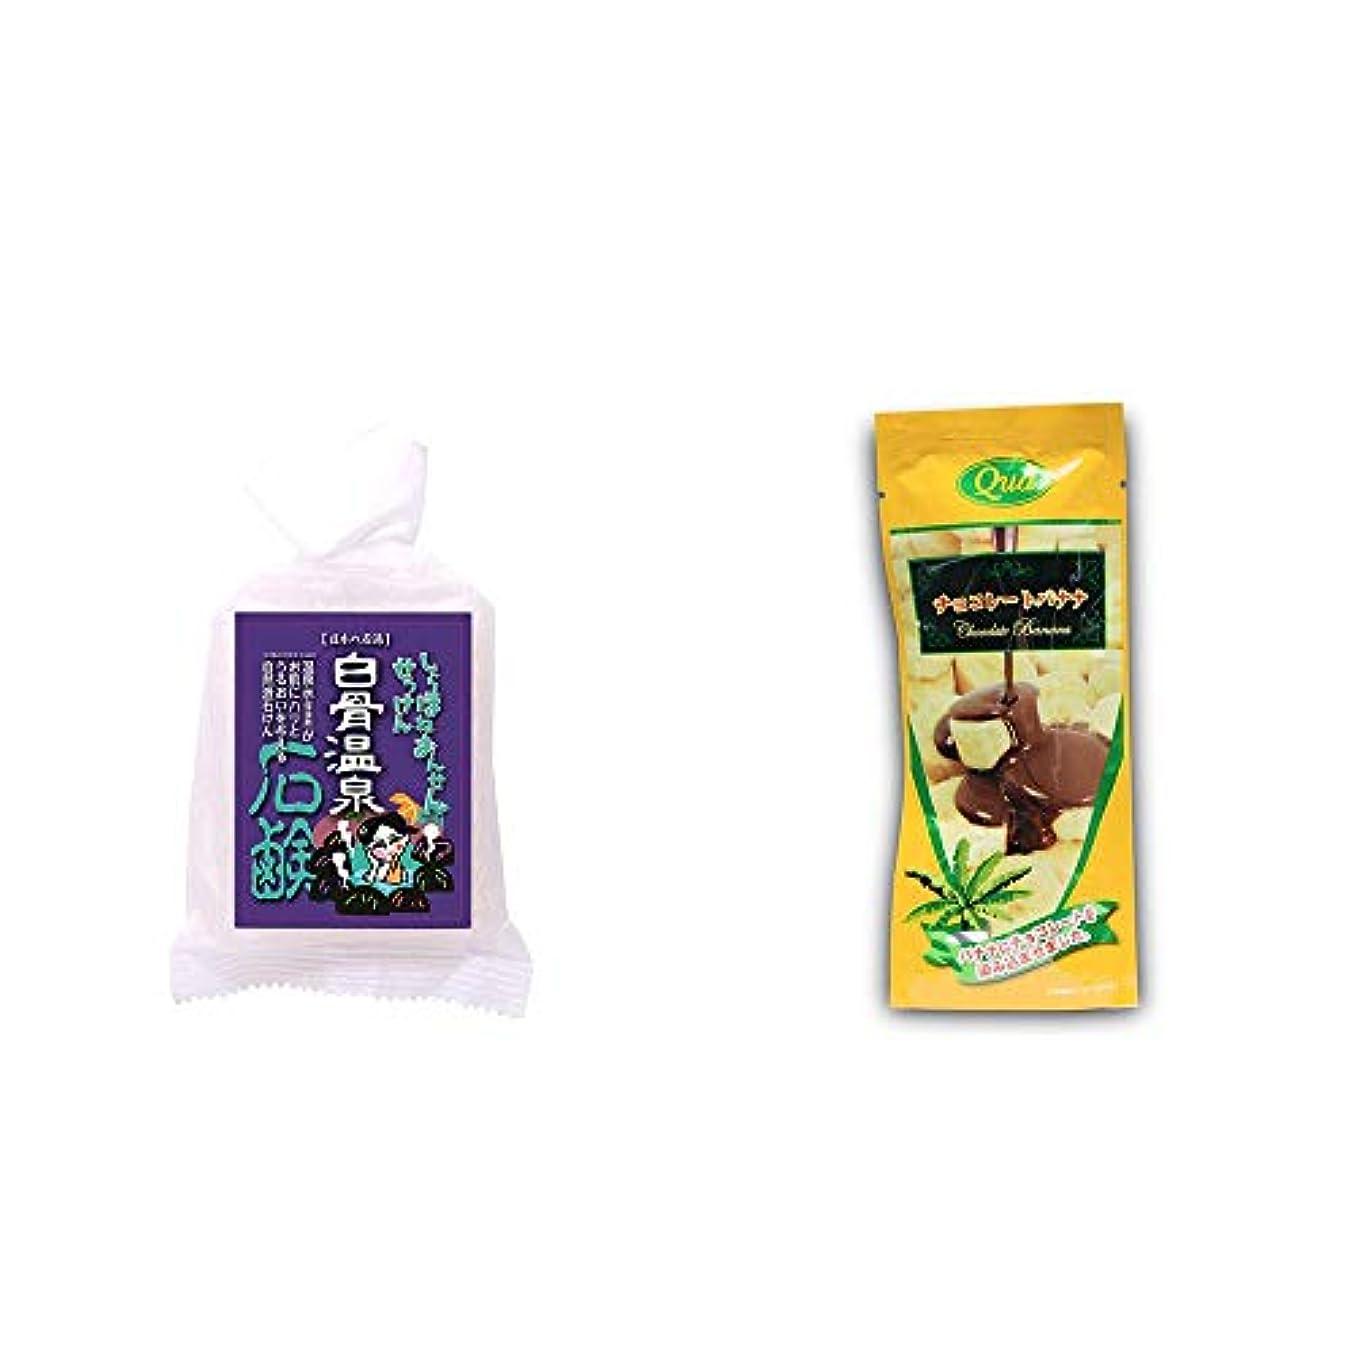 測定可能ペルソナ地下[2点セット] 信州 白骨温泉石鹸(80g)?フリーズドライ チョコレートバナナ(50g)